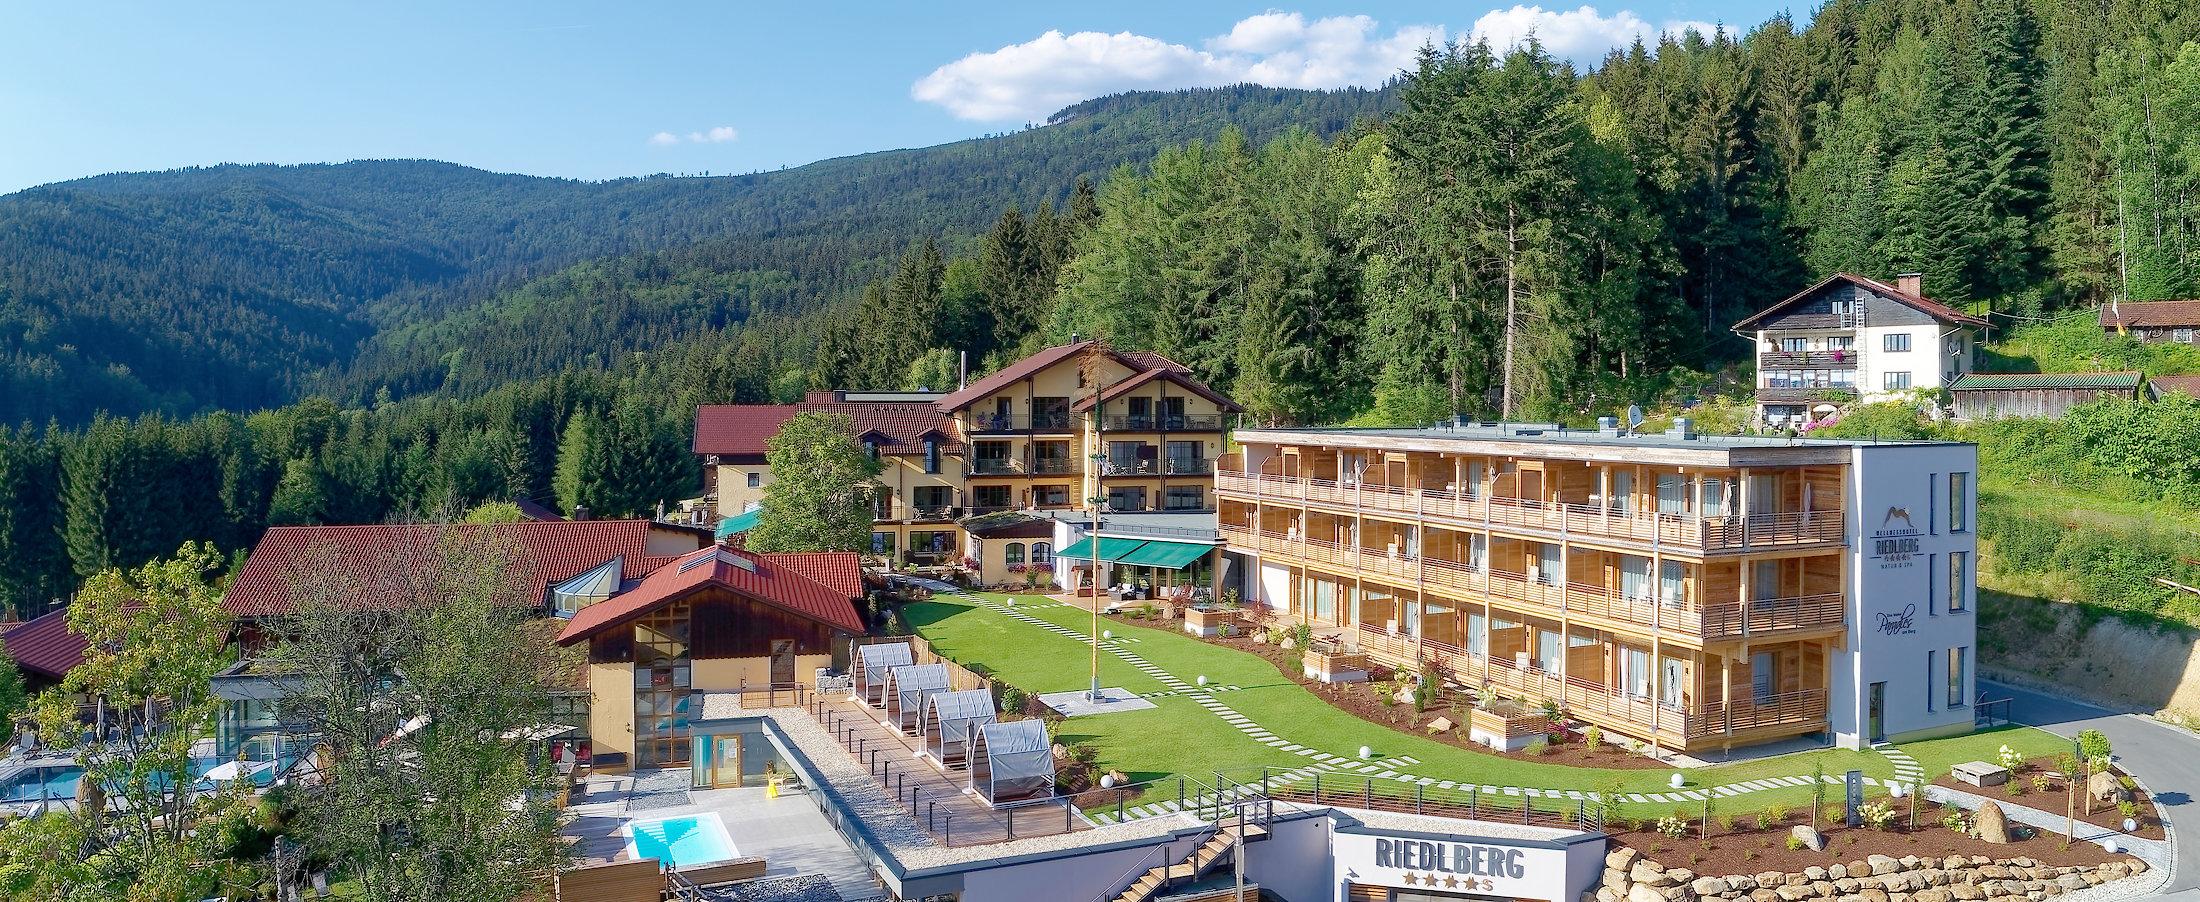 4-Sterne Wellnesshotel Riedlbherg im Bayerischen Wald